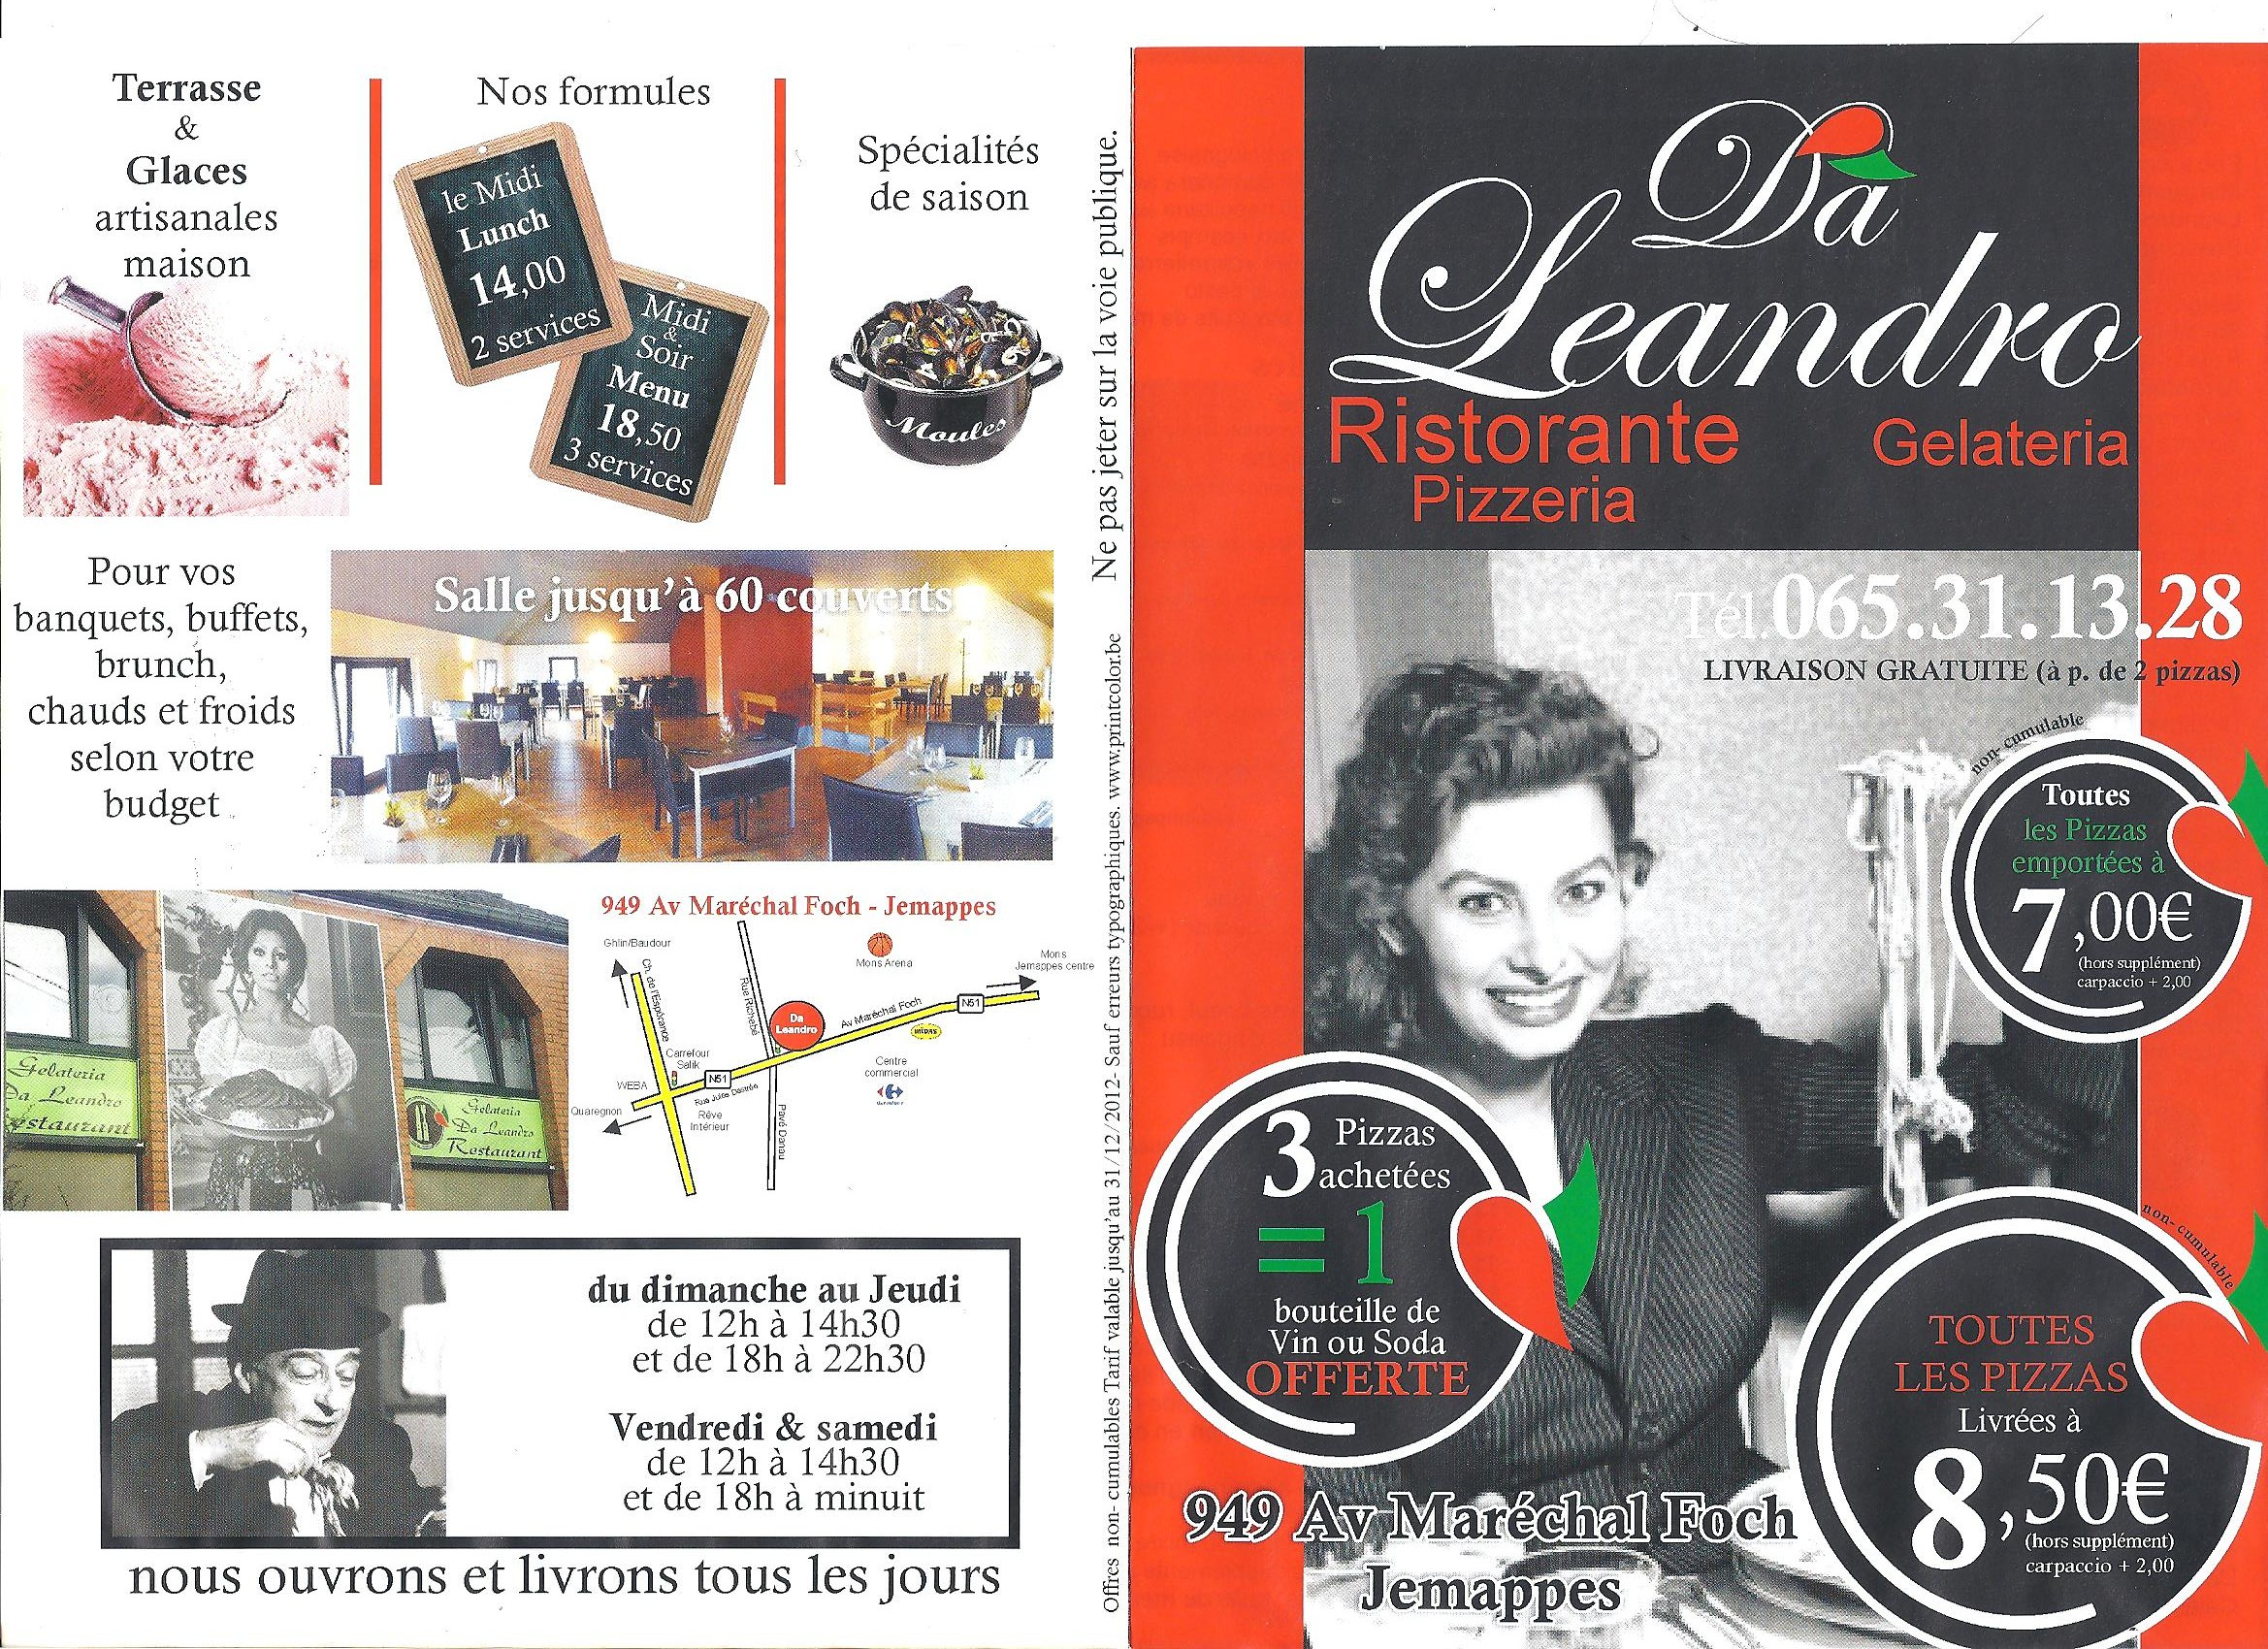 Pub Da Leandro